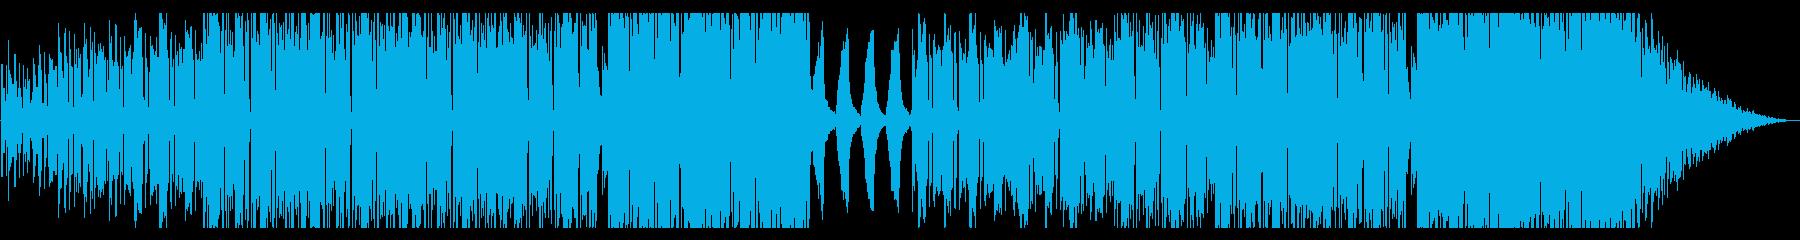 アーバン/Hiphop_No402の再生済みの波形